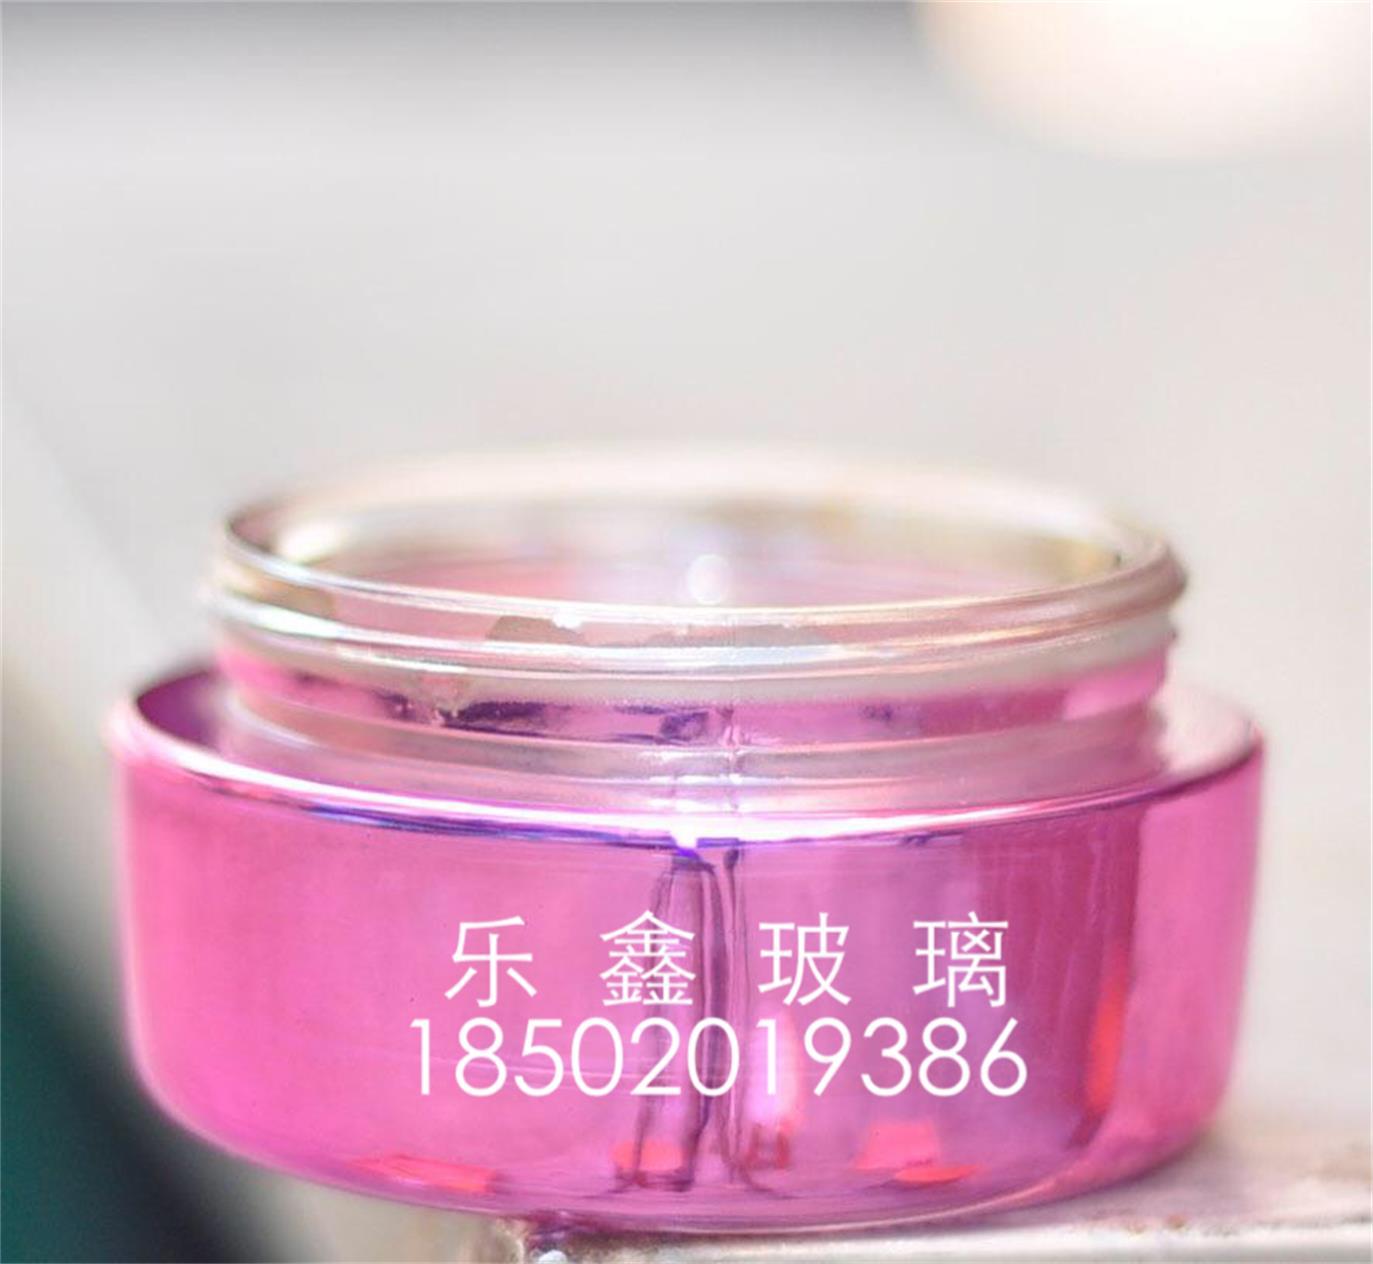 化妆品瓶子生产厂家,高档化妆品玻璃瓶,化妆品瓶子生产商